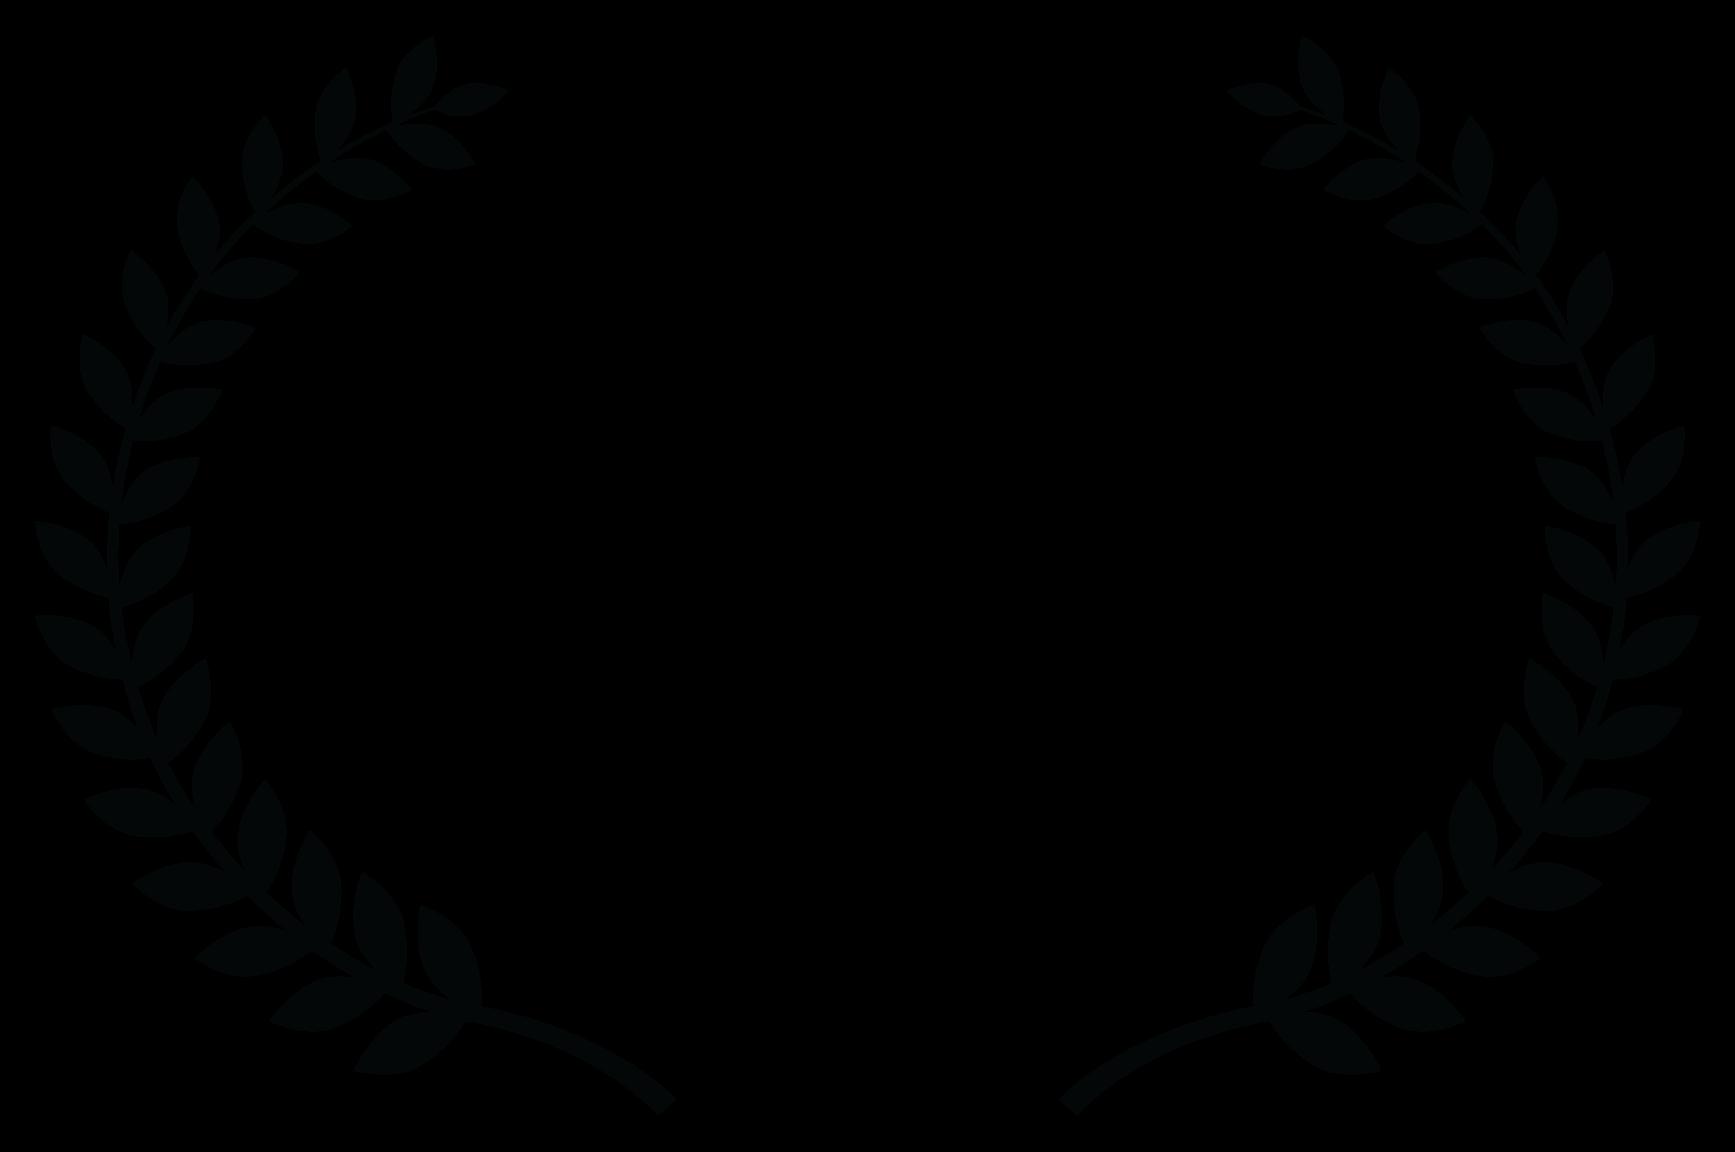 AWARD WINNER - Tribute Film Festival - 2